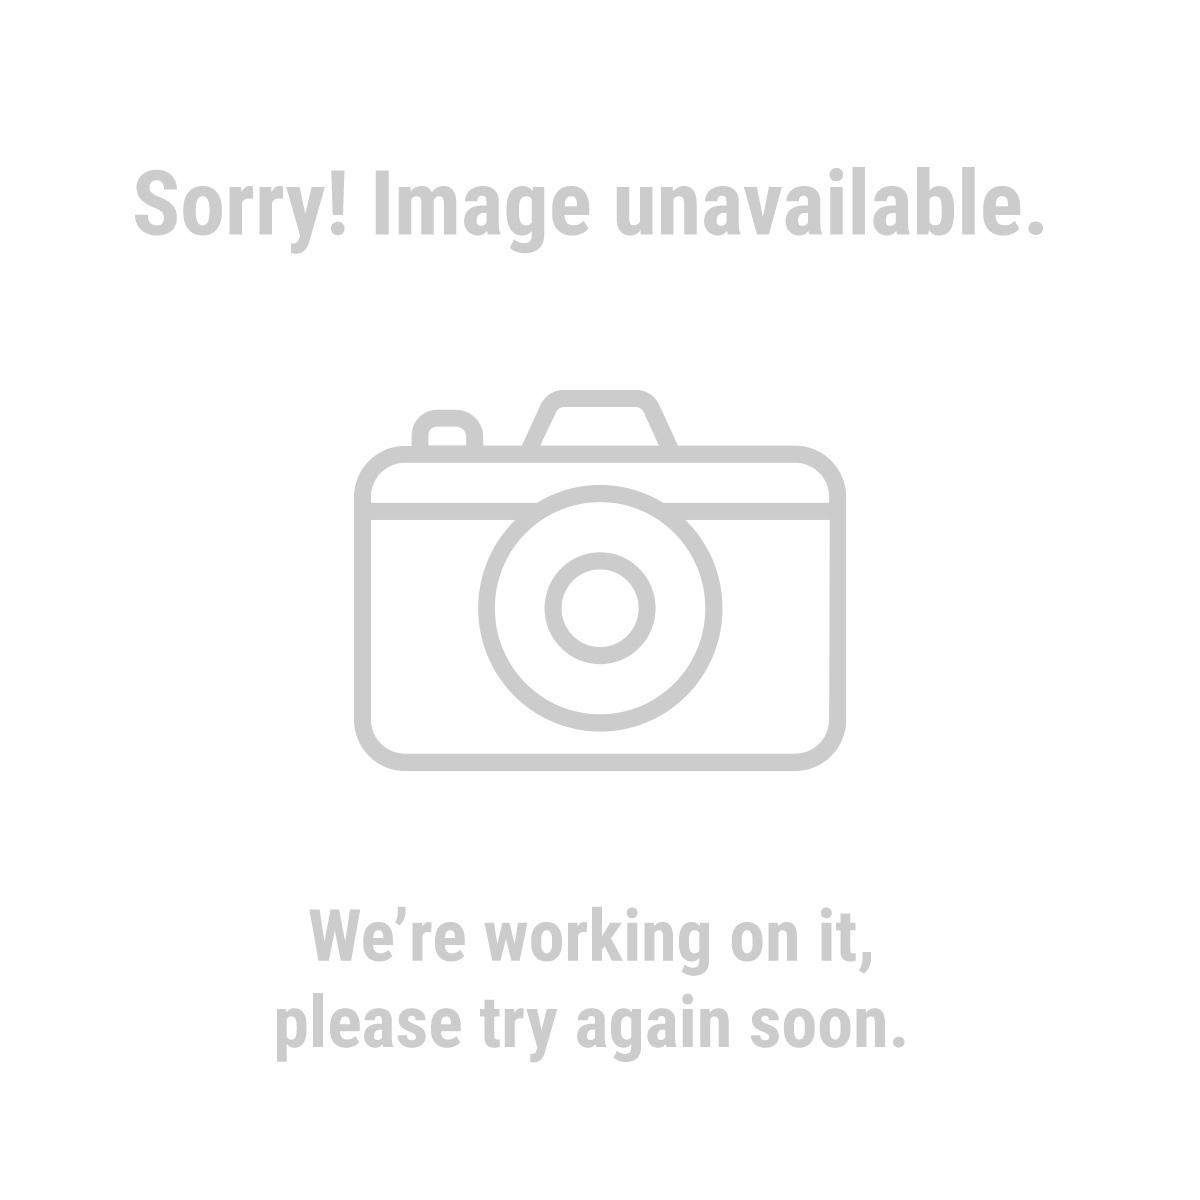 96769 1/4 Lb. Dark Grey Polish Compound